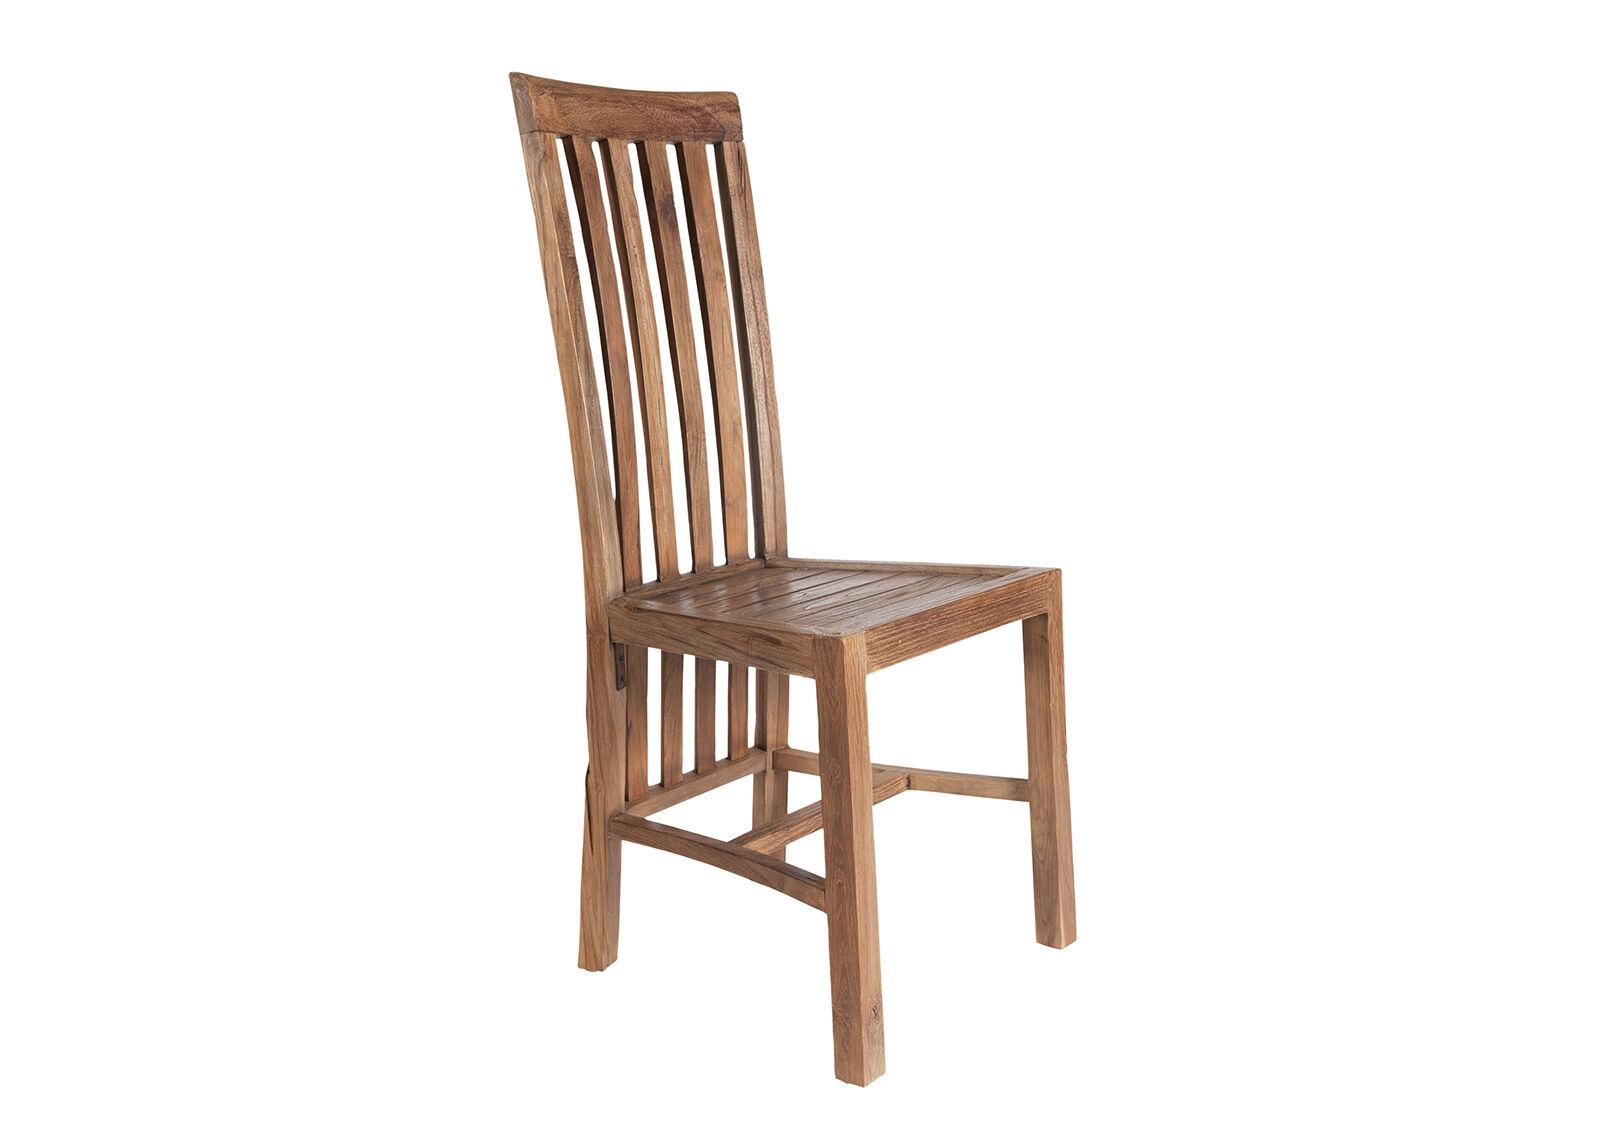 SIT Möbel RuokatuoliSeadrift